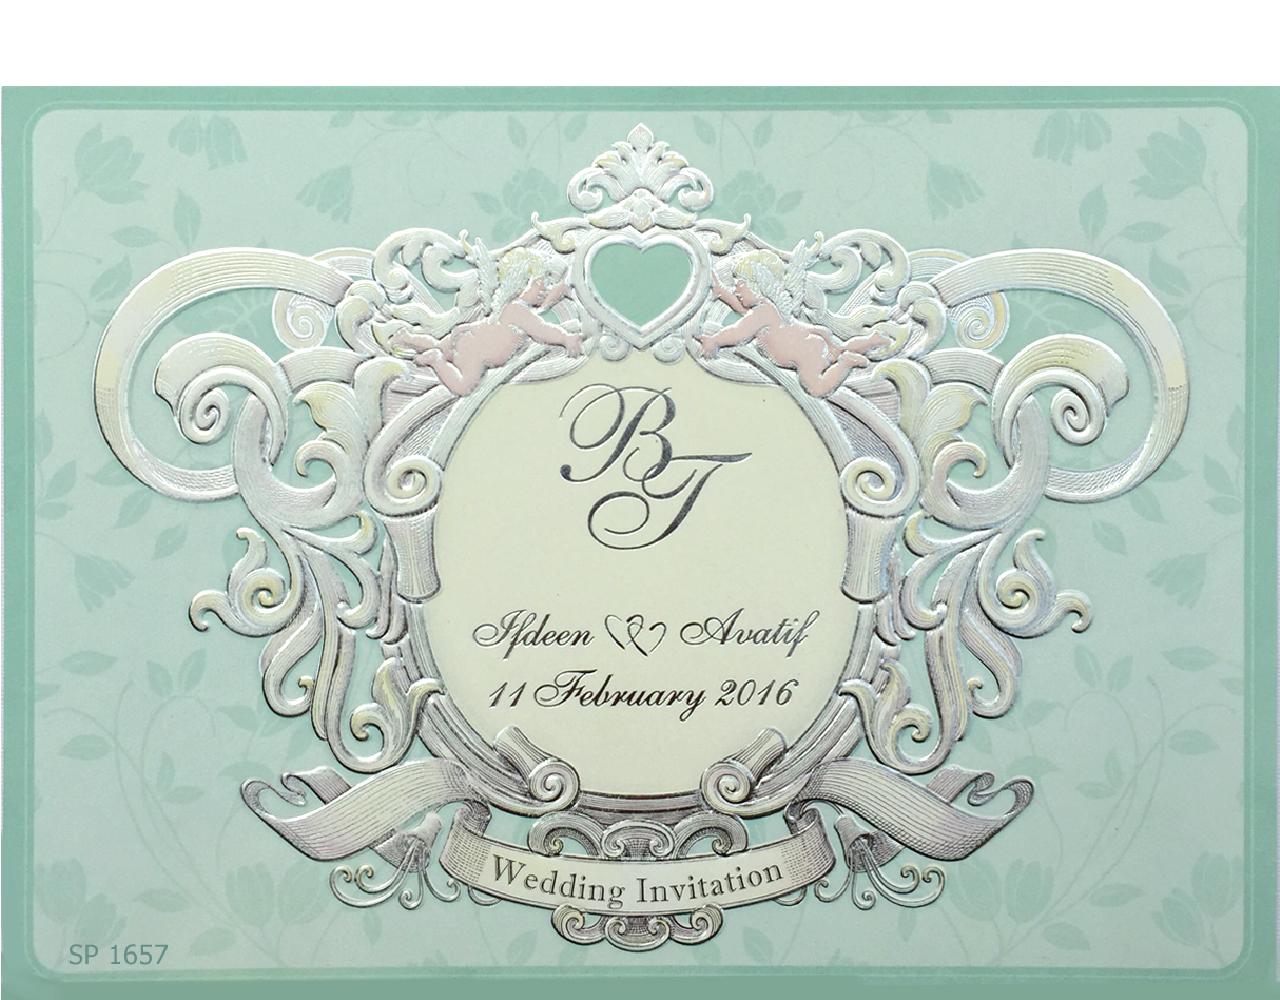 การ์ดแต่งงาน การ์เชิญงานแต่ง แบบเรียบหรู สีเขียว ปั๊มนูน พิมพ์เคเงิน 8.5x6 inch SP 1657